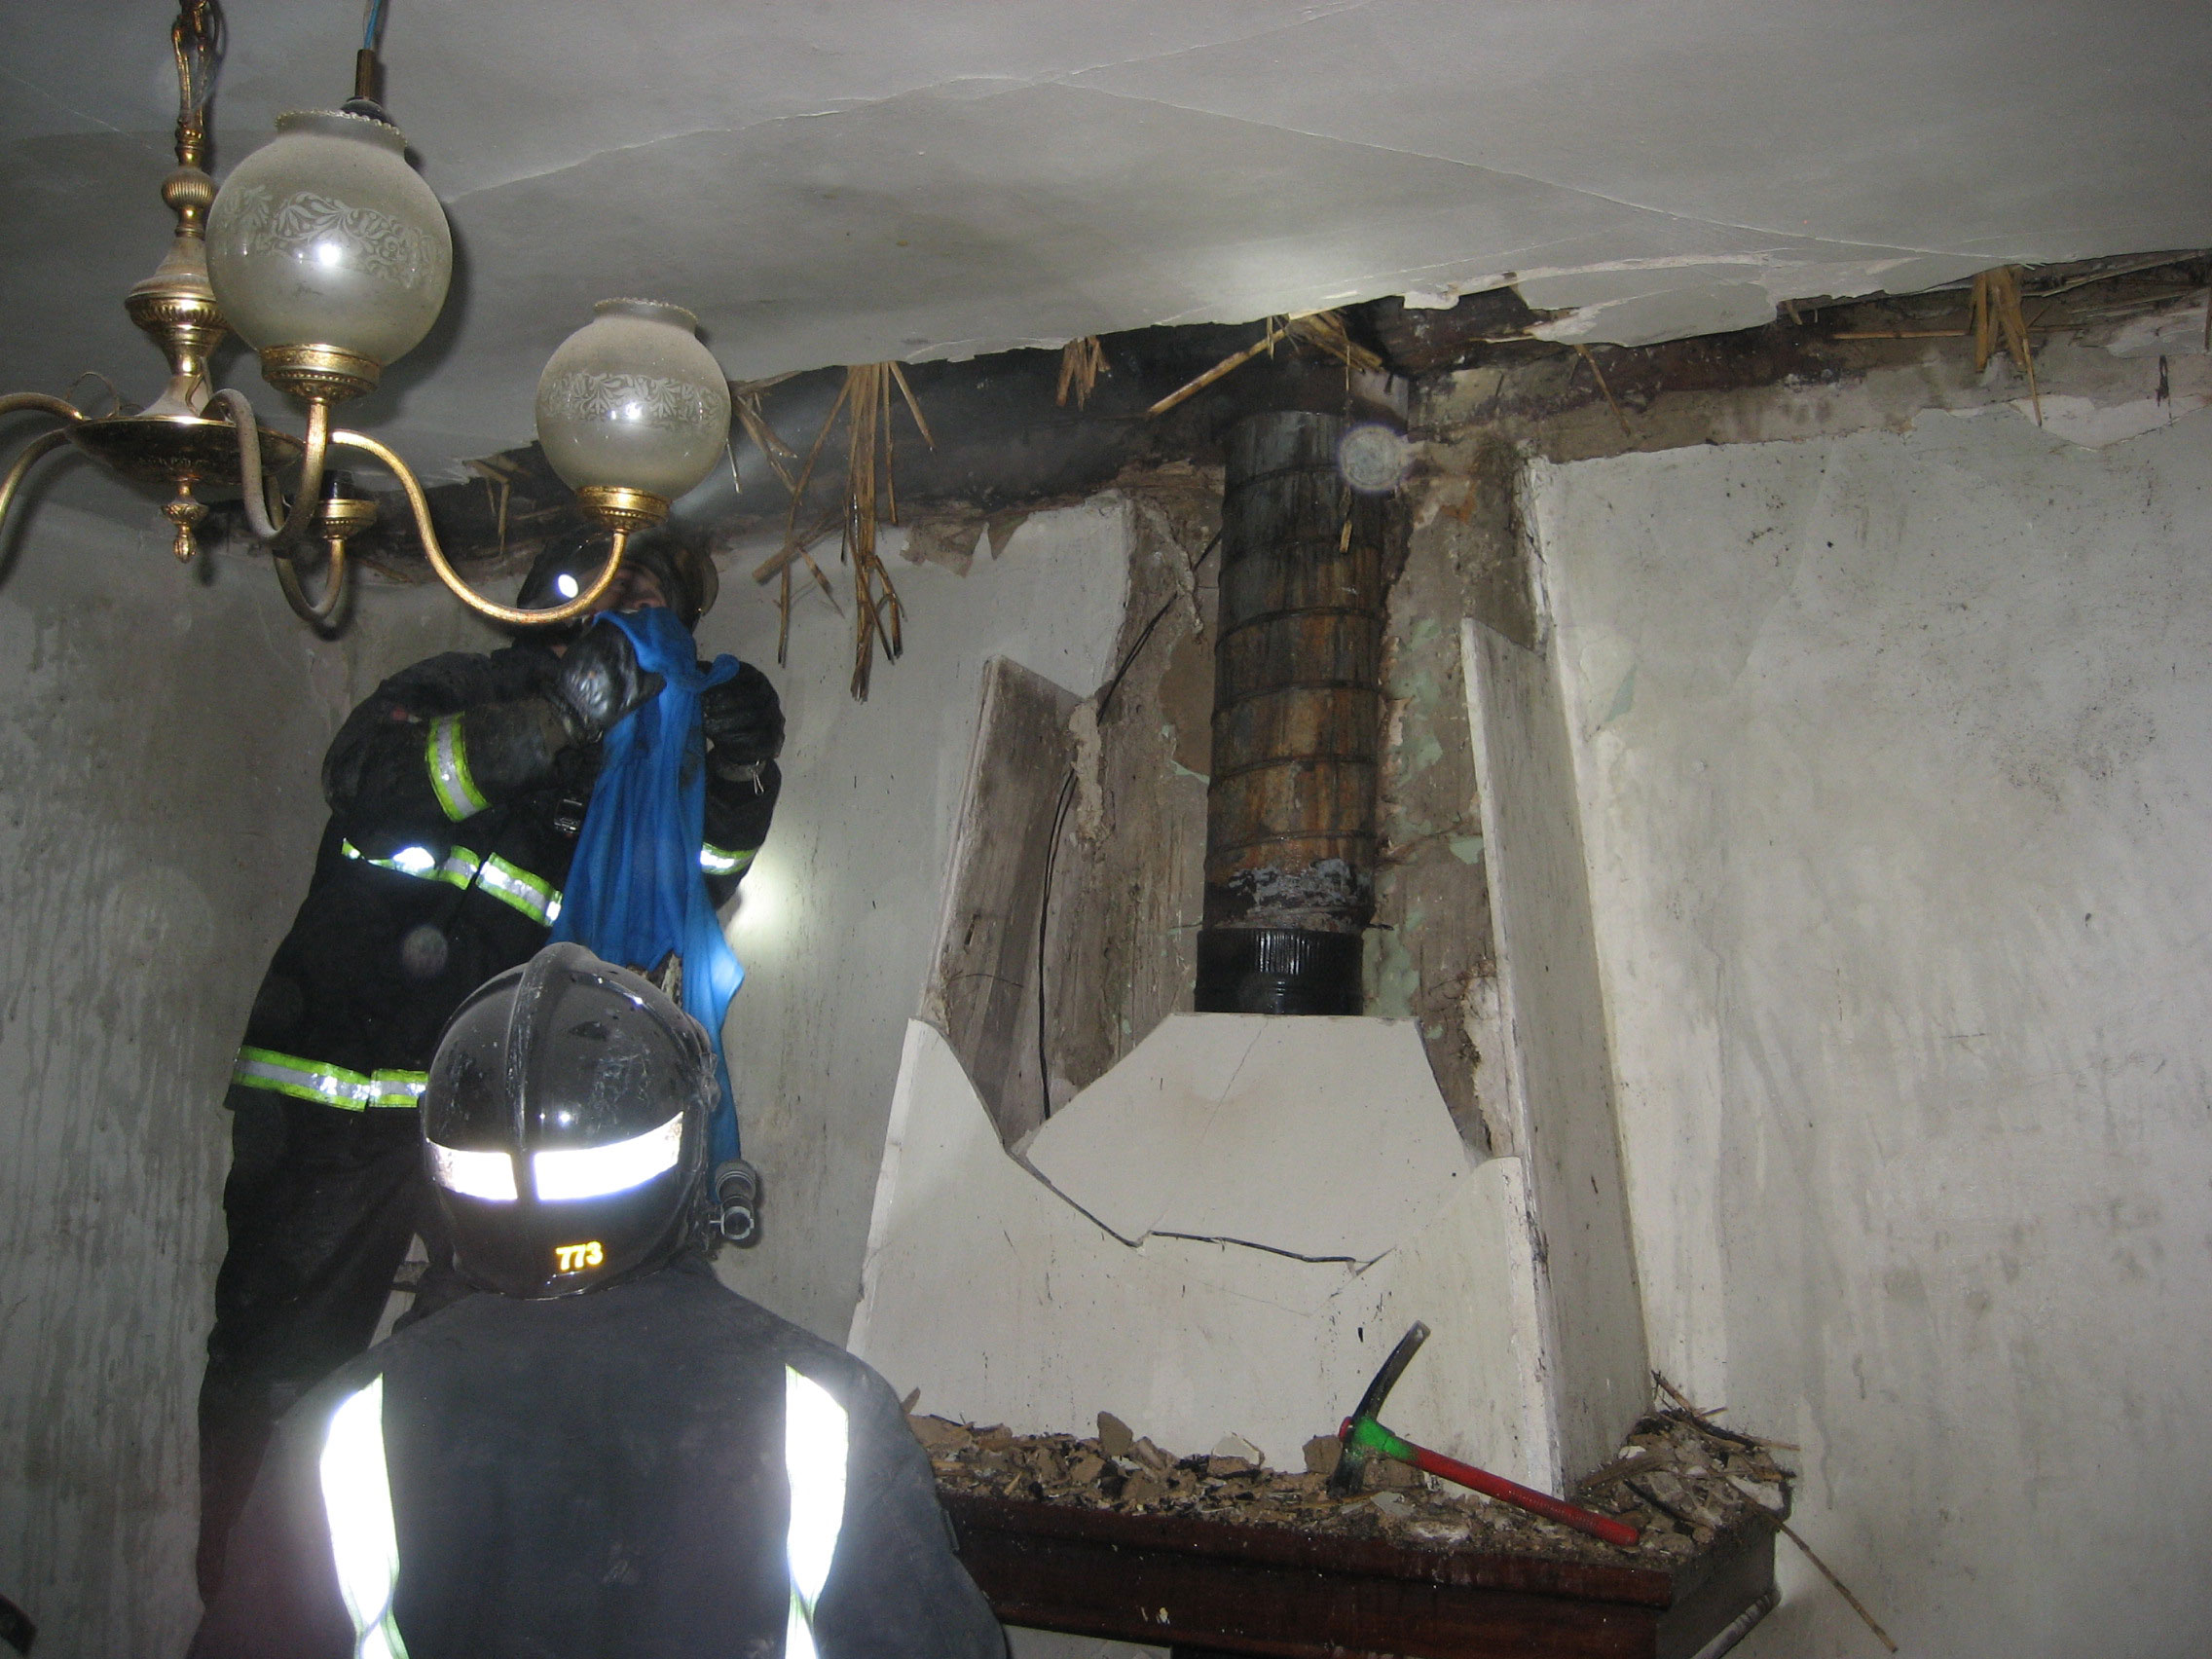 El incendio de la chimenea de una casa de caparroso afecta - Estructuras de chimeneas ...